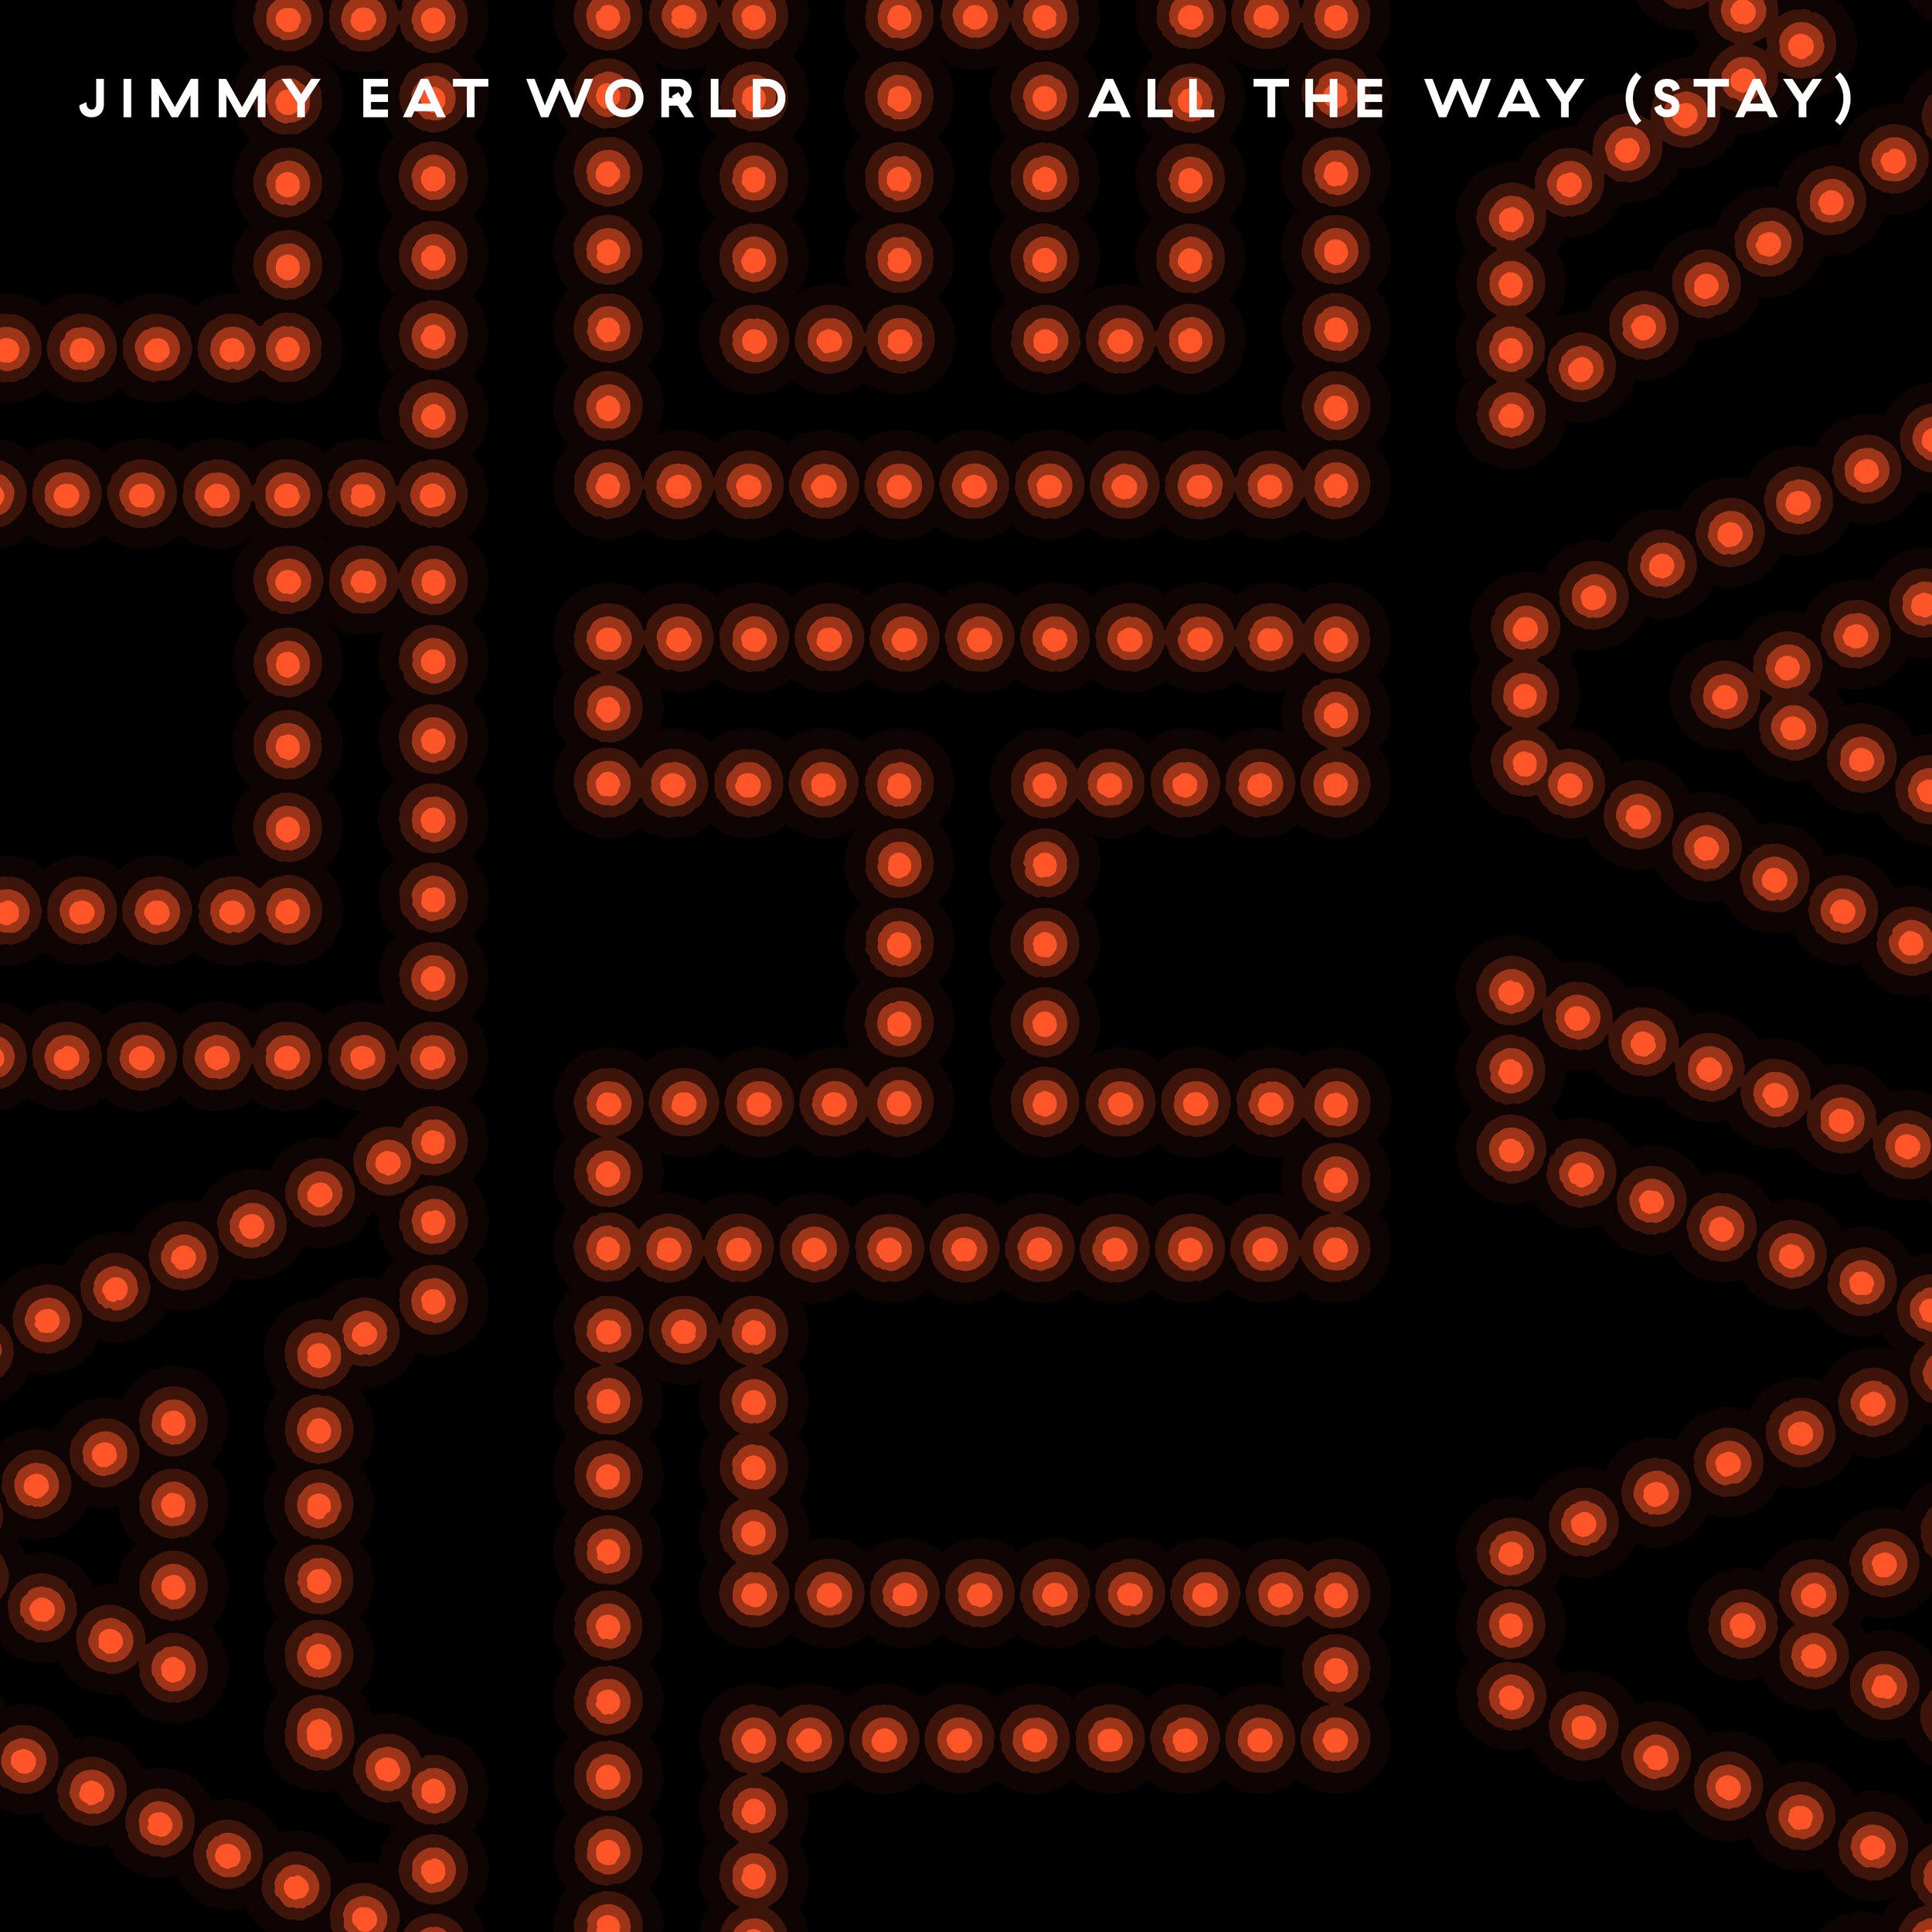 JimmyEatWorld_AllTheWay_Cover_F_RGB.jpg